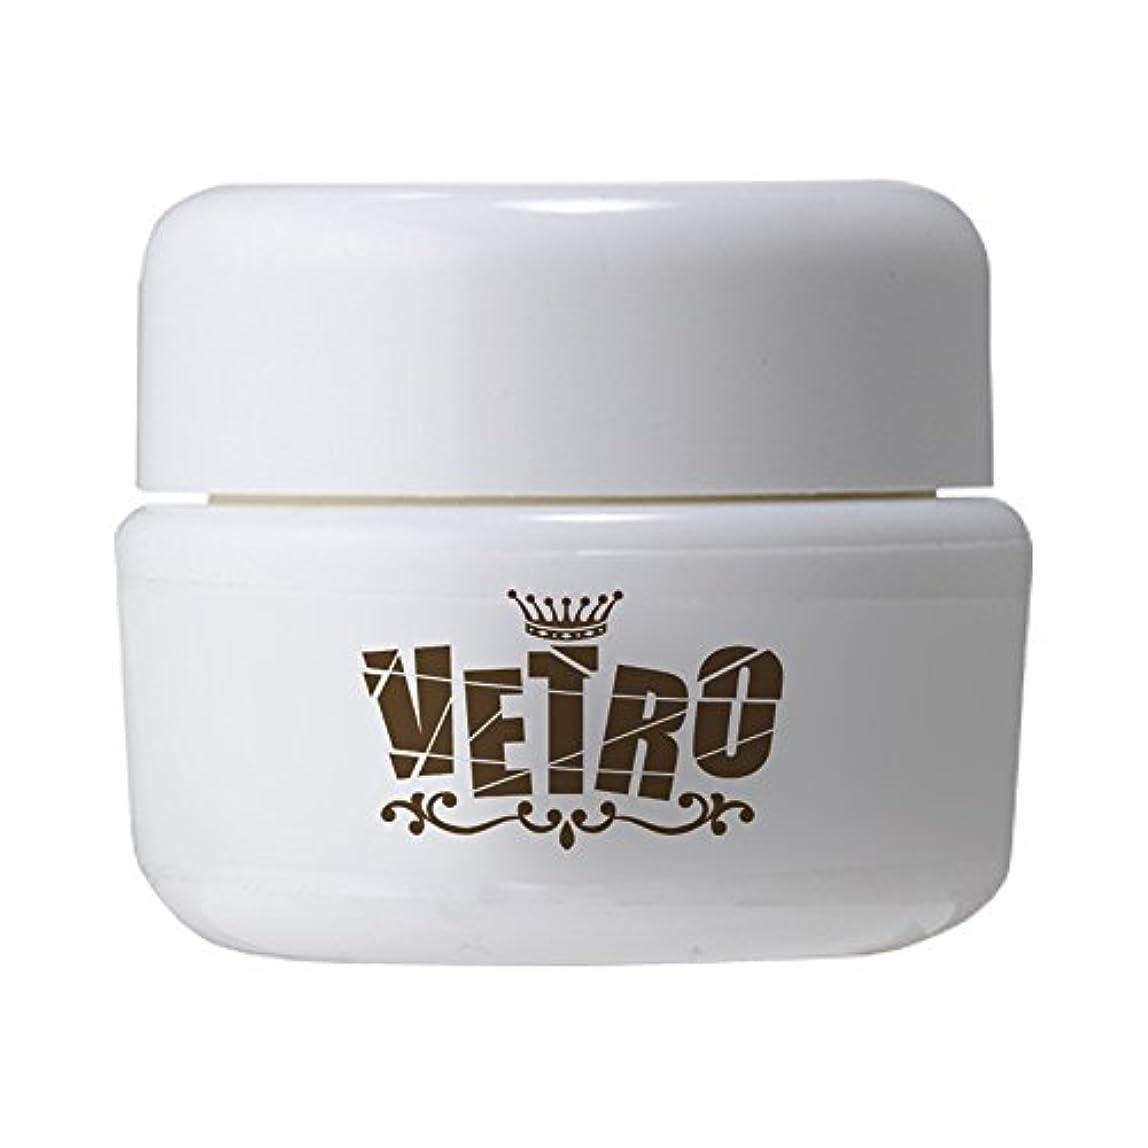 通信網紛争同化VETRO カラージェル VL304 フェアリーブルー 4ml テクスチャー:ソフト パール?シアー UV/LED対応